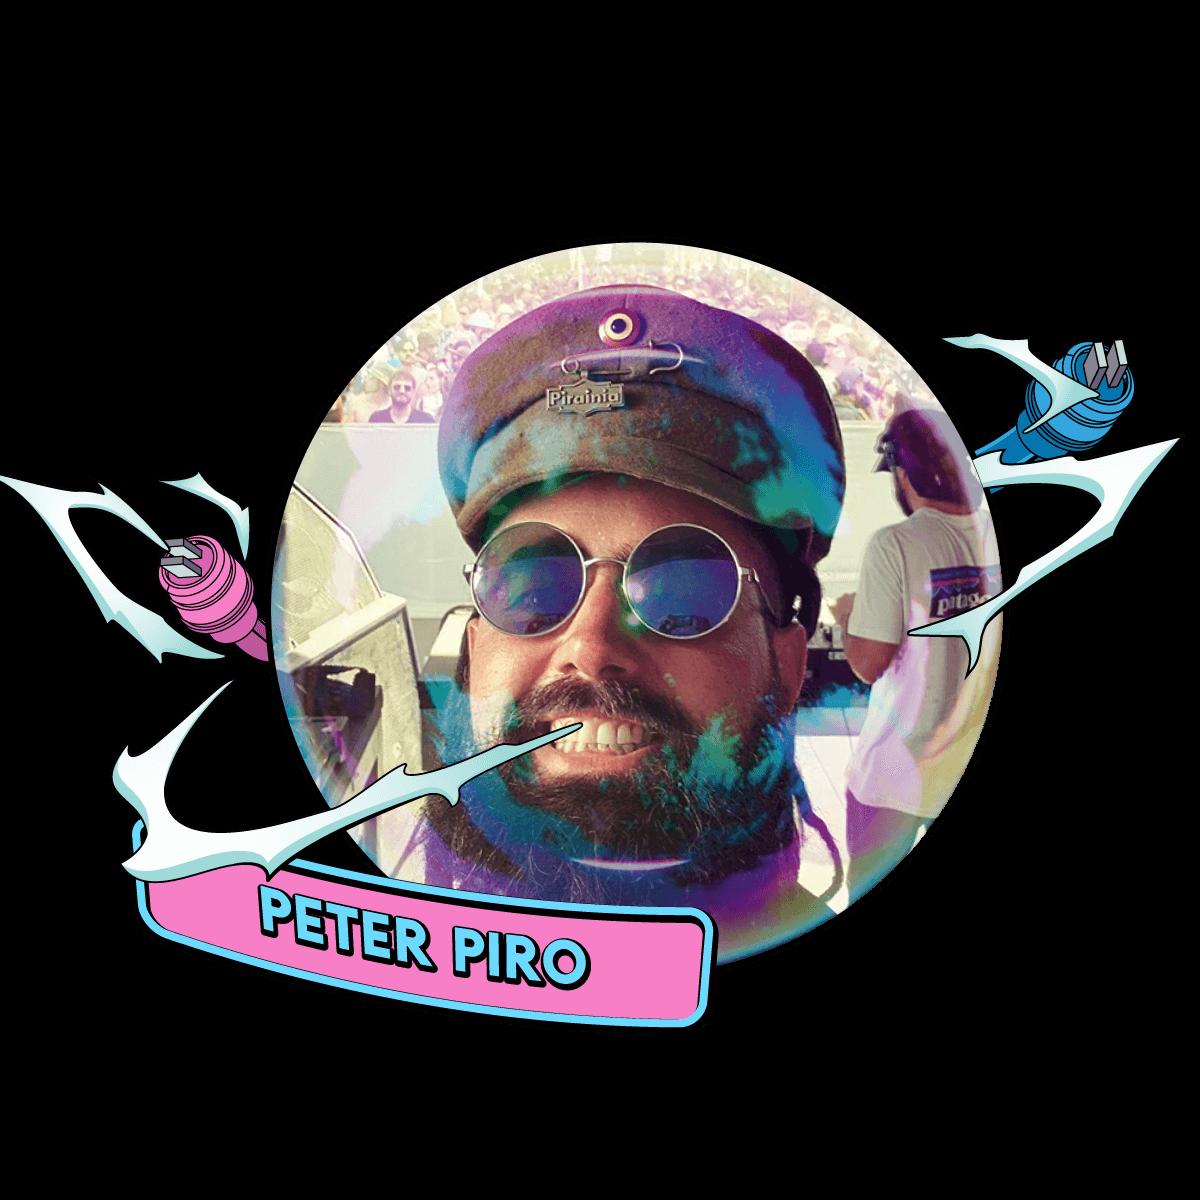 Peter Piro